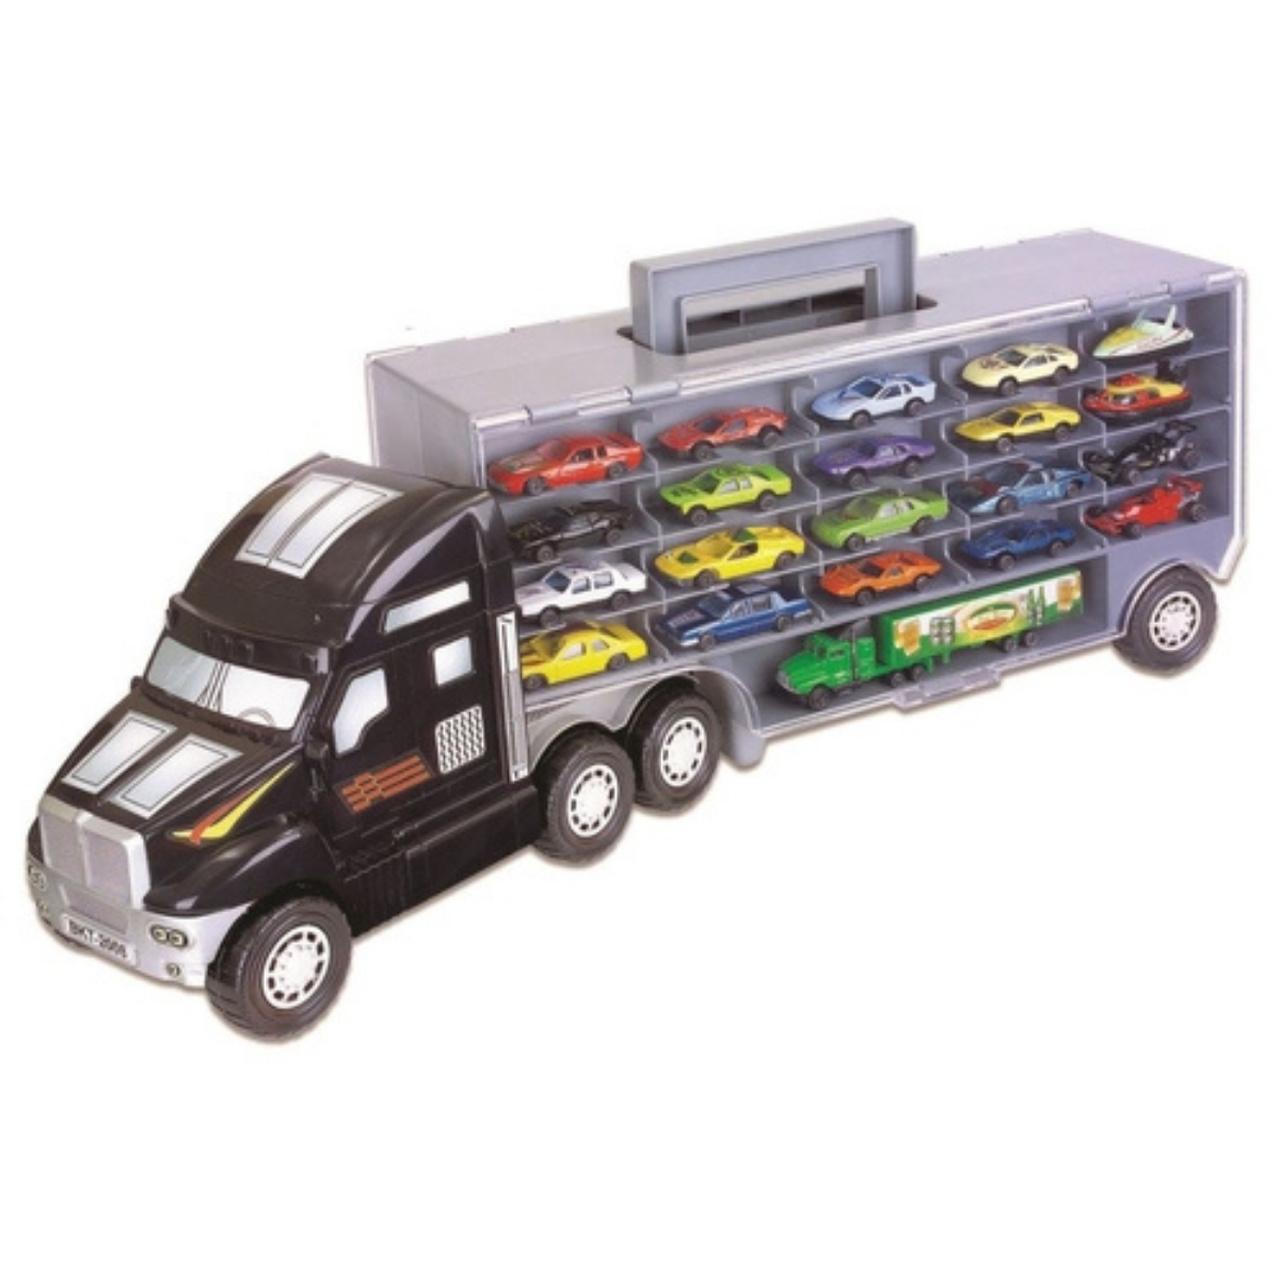 Caminhão Super Carreta C/20 Carrinhos De Metal +Mini Cegonha